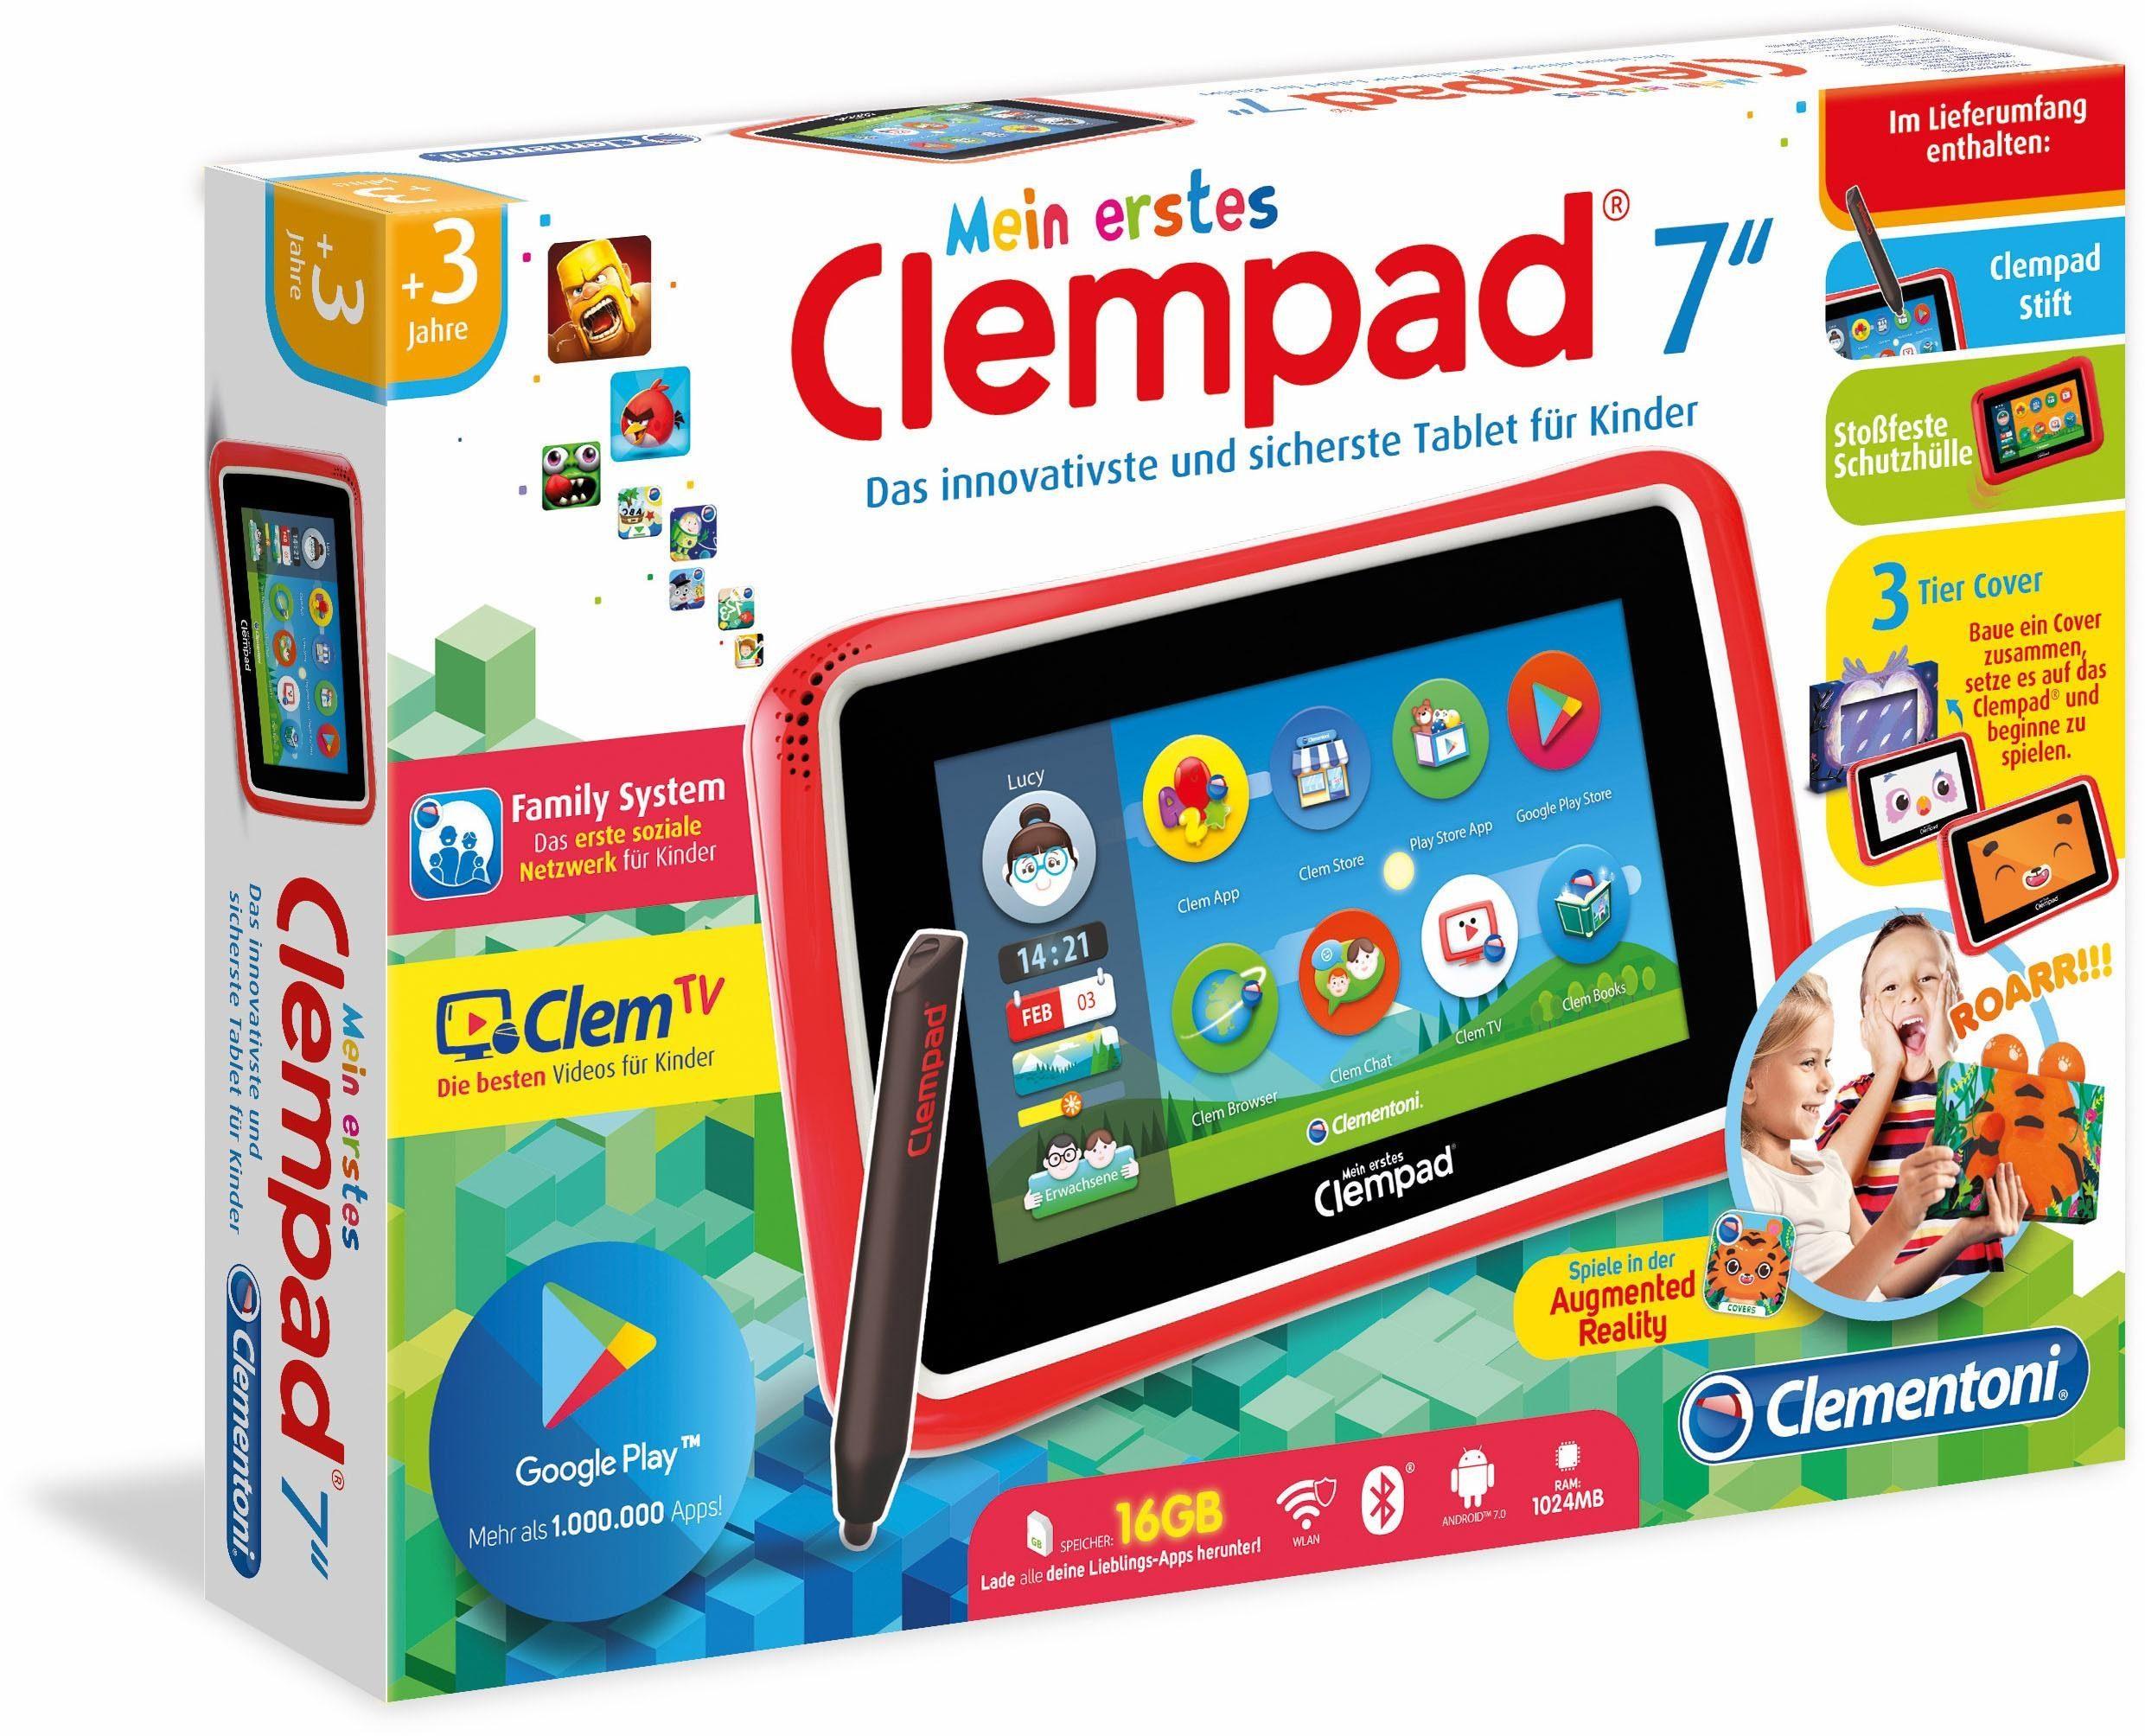 Clementoni Tablet mit Stift für Kinder, »Mein erstes Clempad 7.0«